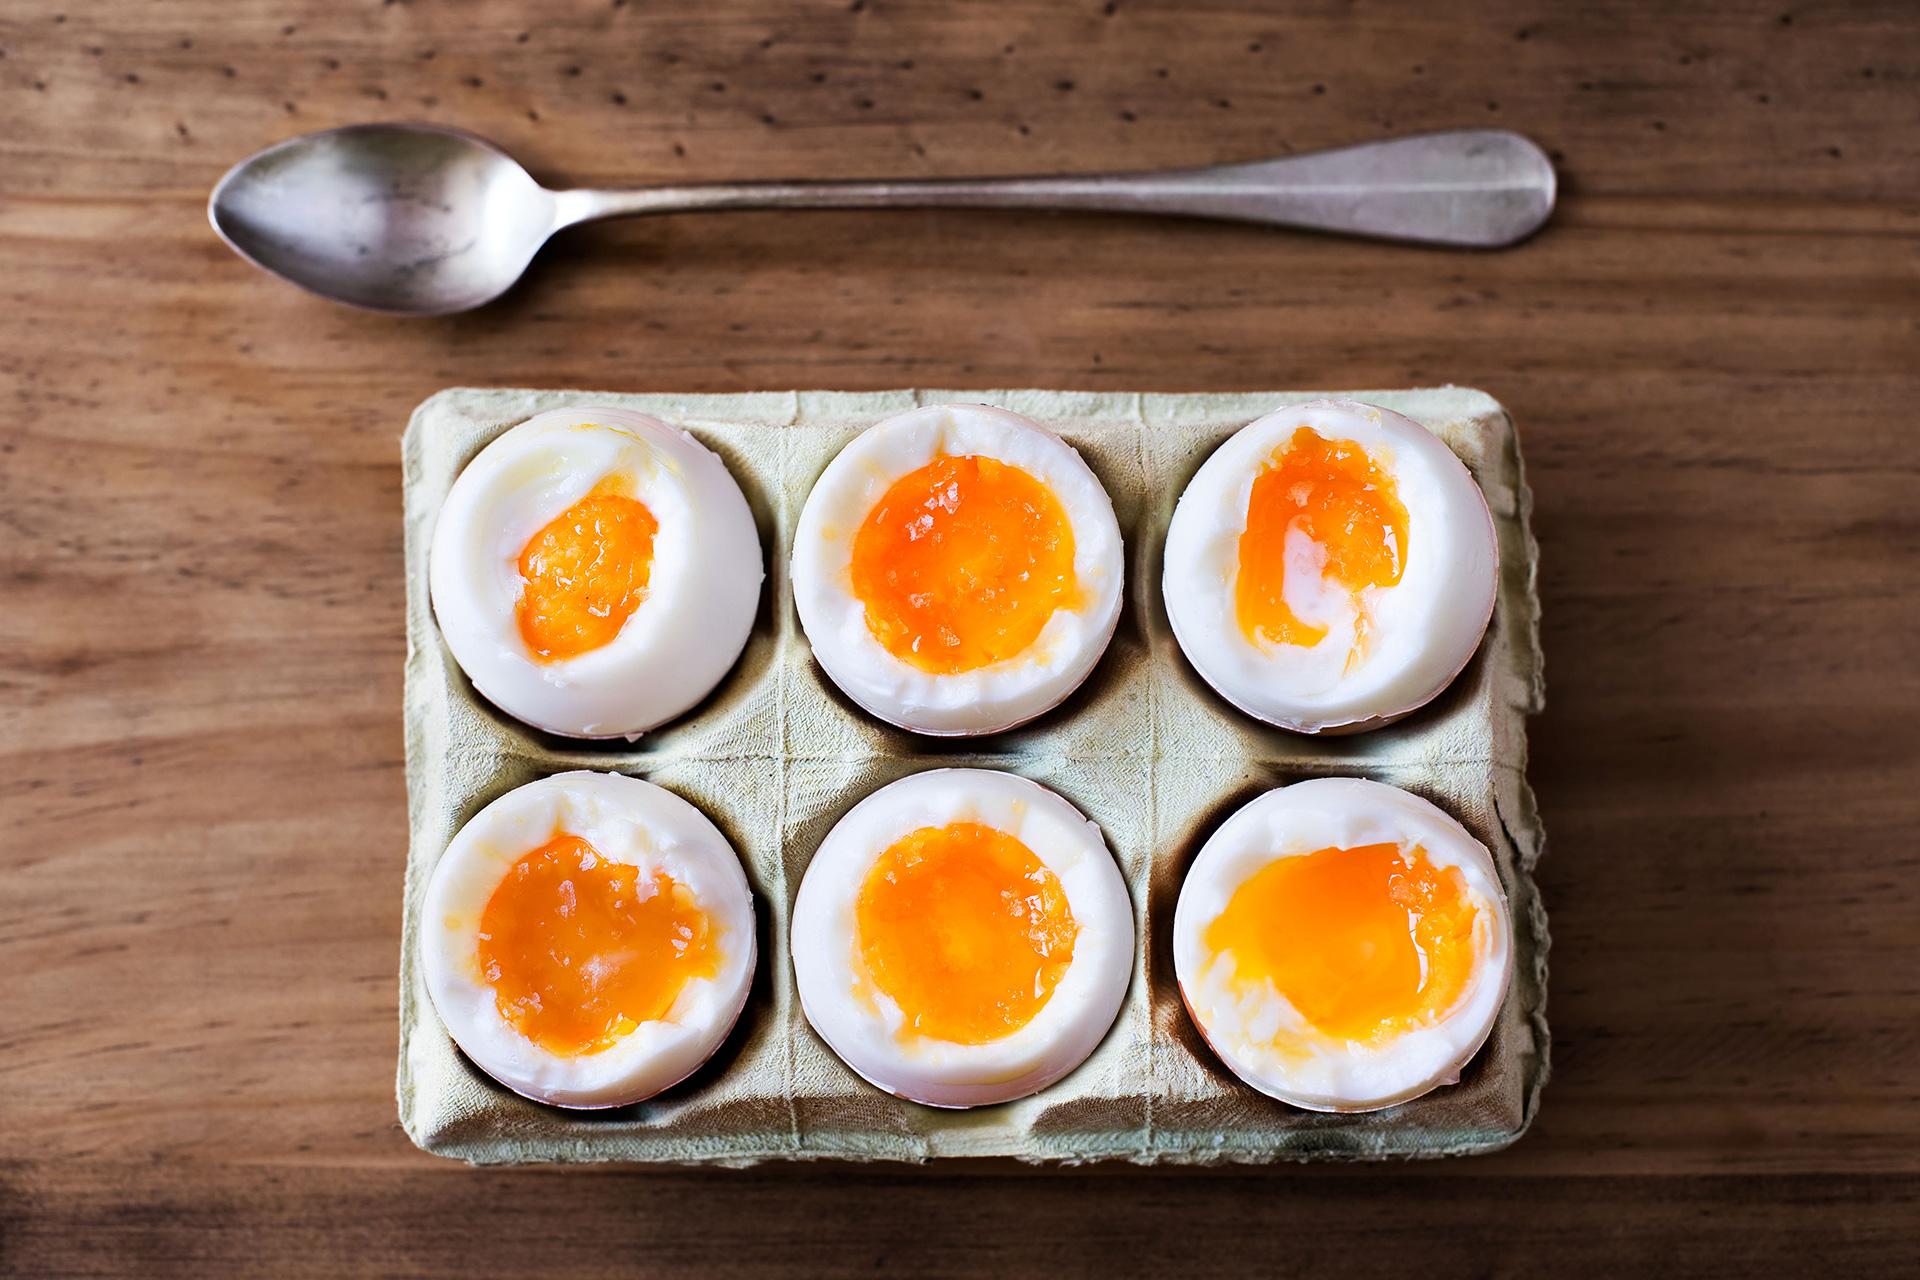 Seks bløtkokte egg i kartong. Foto.